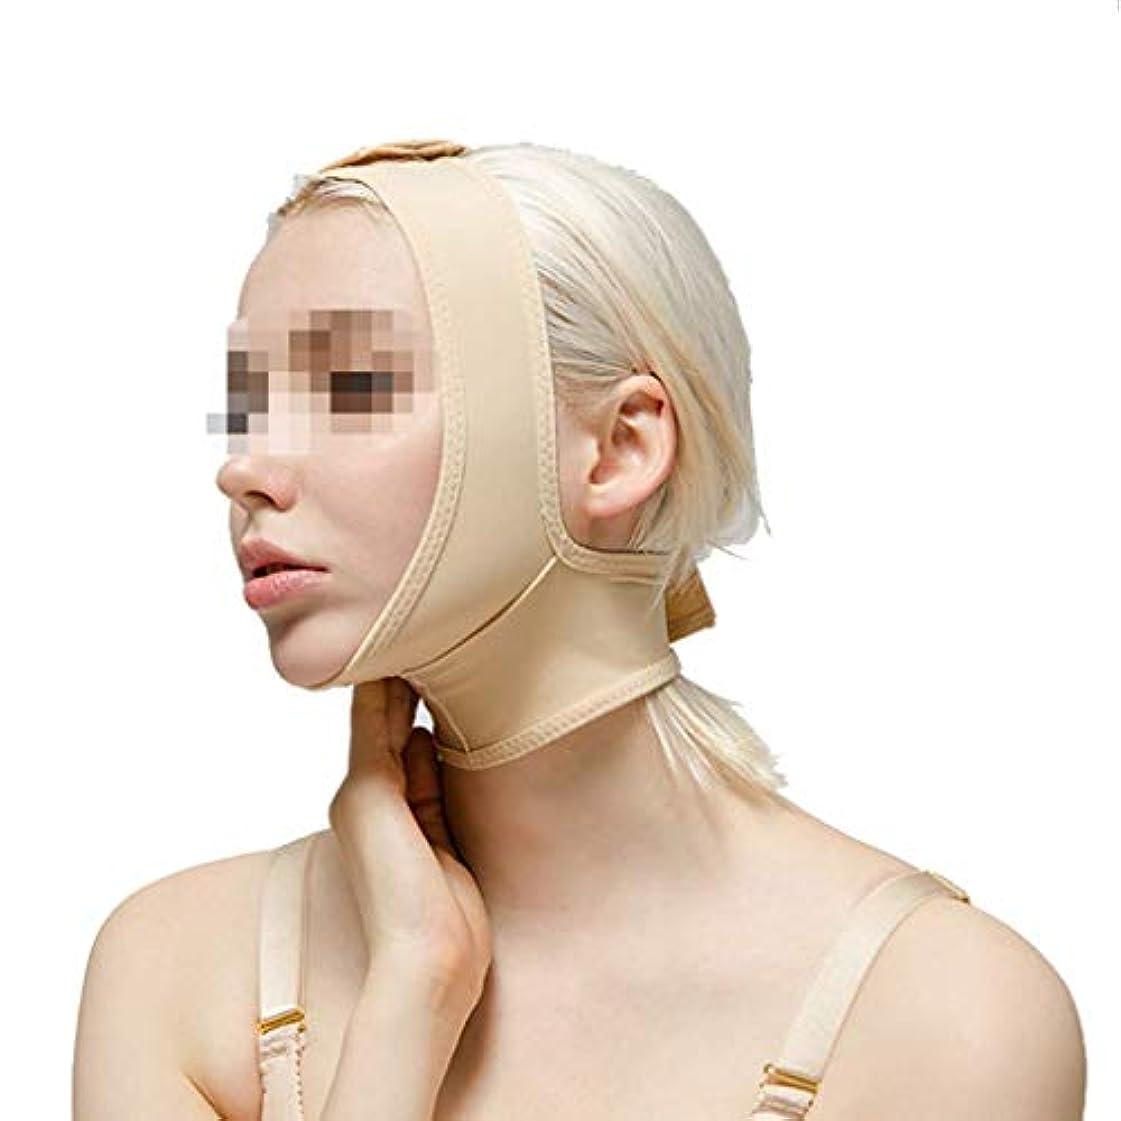 第四オンくま術後伸縮性スリーブ、下顎束フェイスバンデージフェイシャルビームダブルチンシンフェイスマスクマルチサイズオプション(サイズ:L),XXL